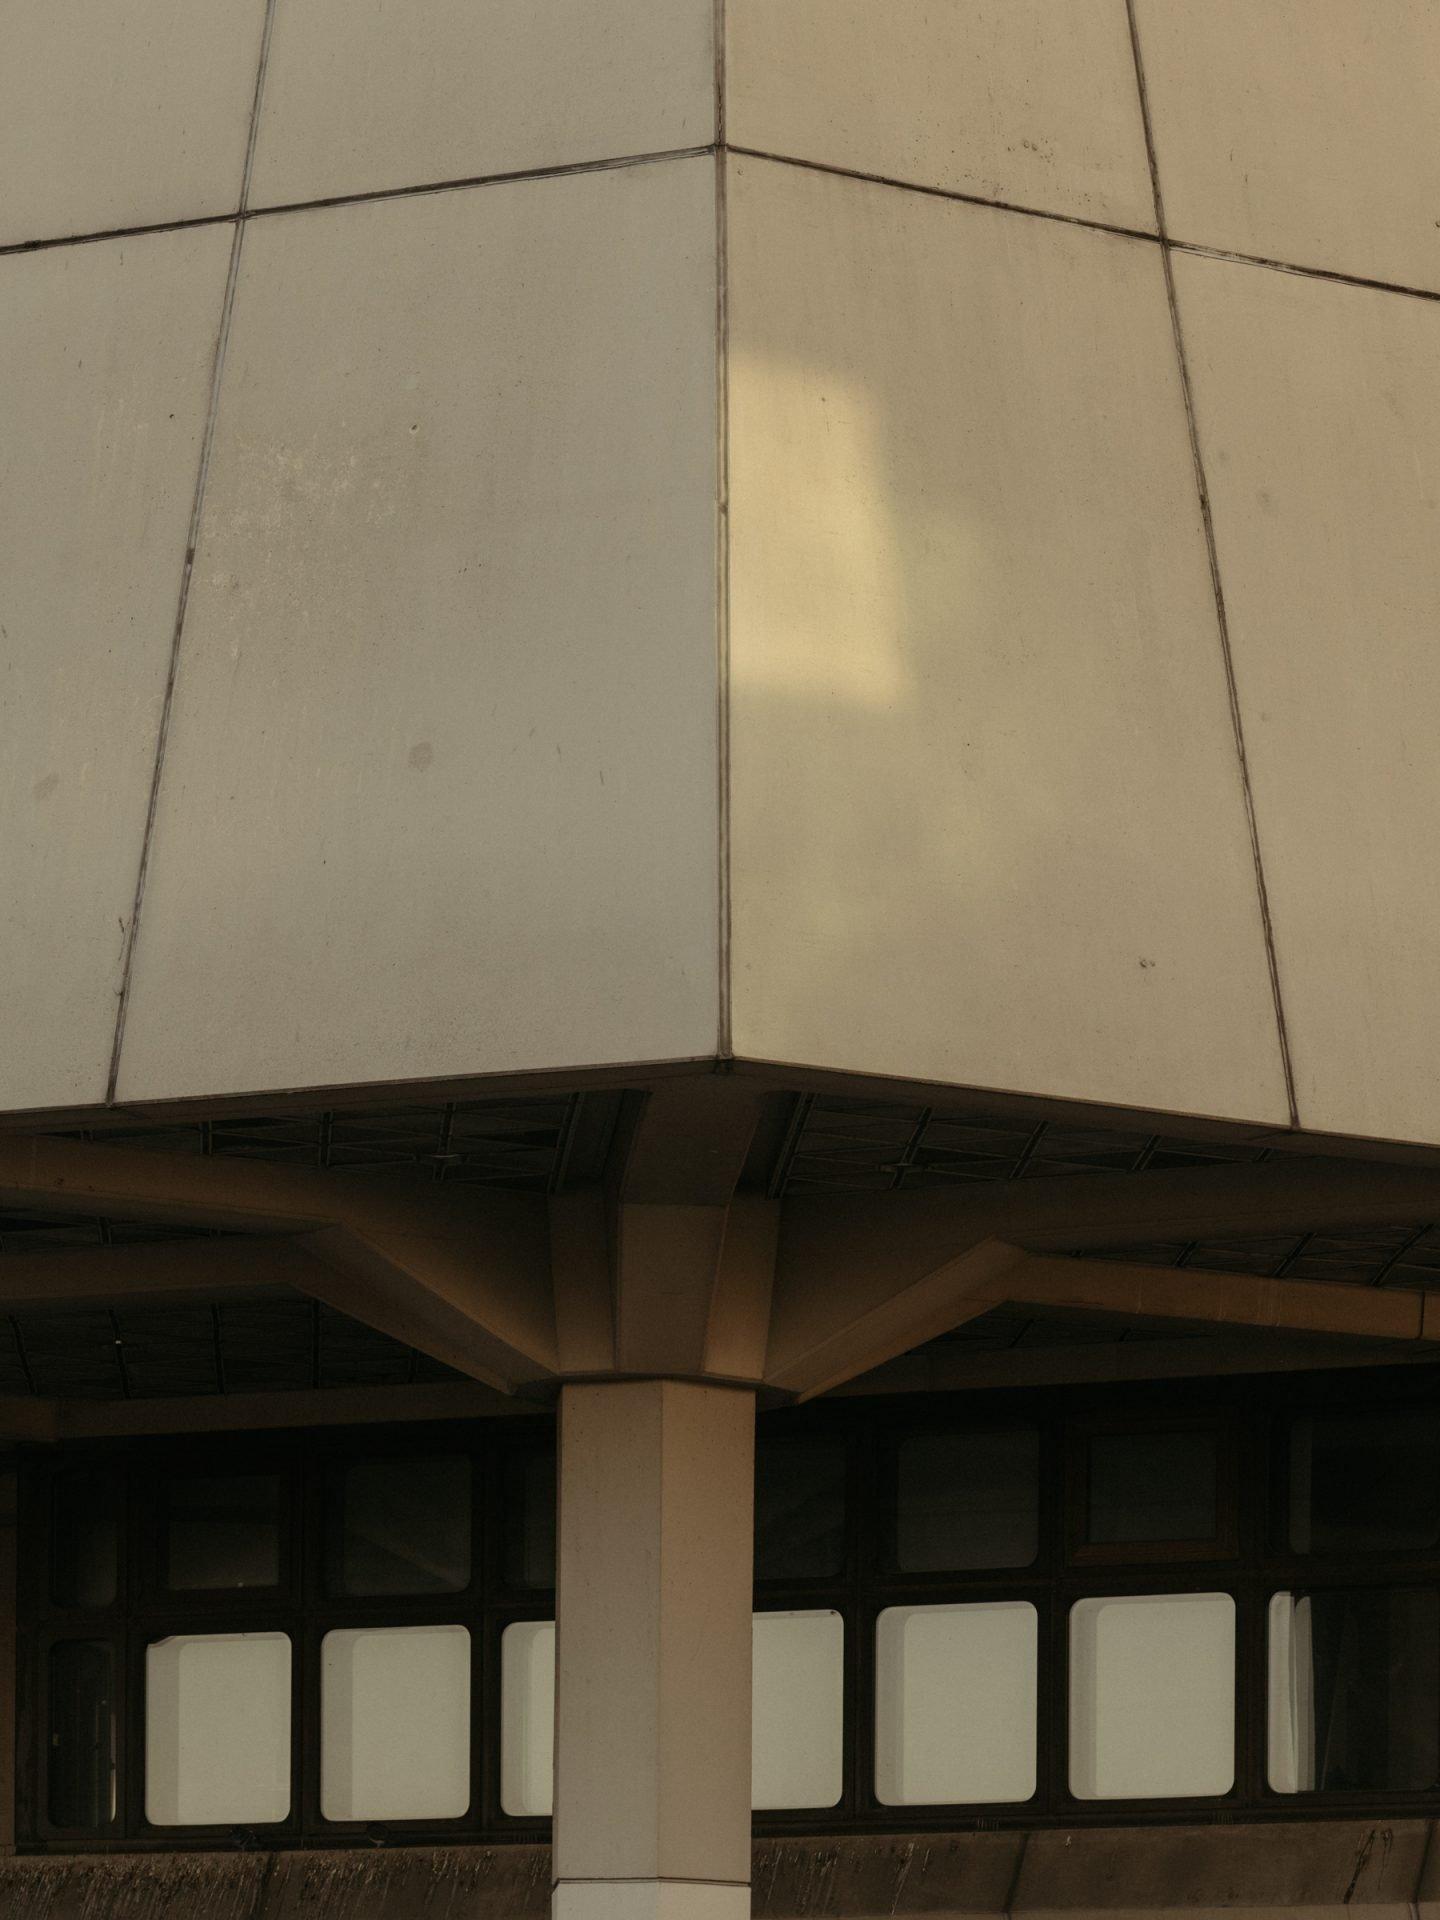 IGNANT-Photography-Flughafen-Tegel-Felix-Bruggemann-Robert-Rieger-02